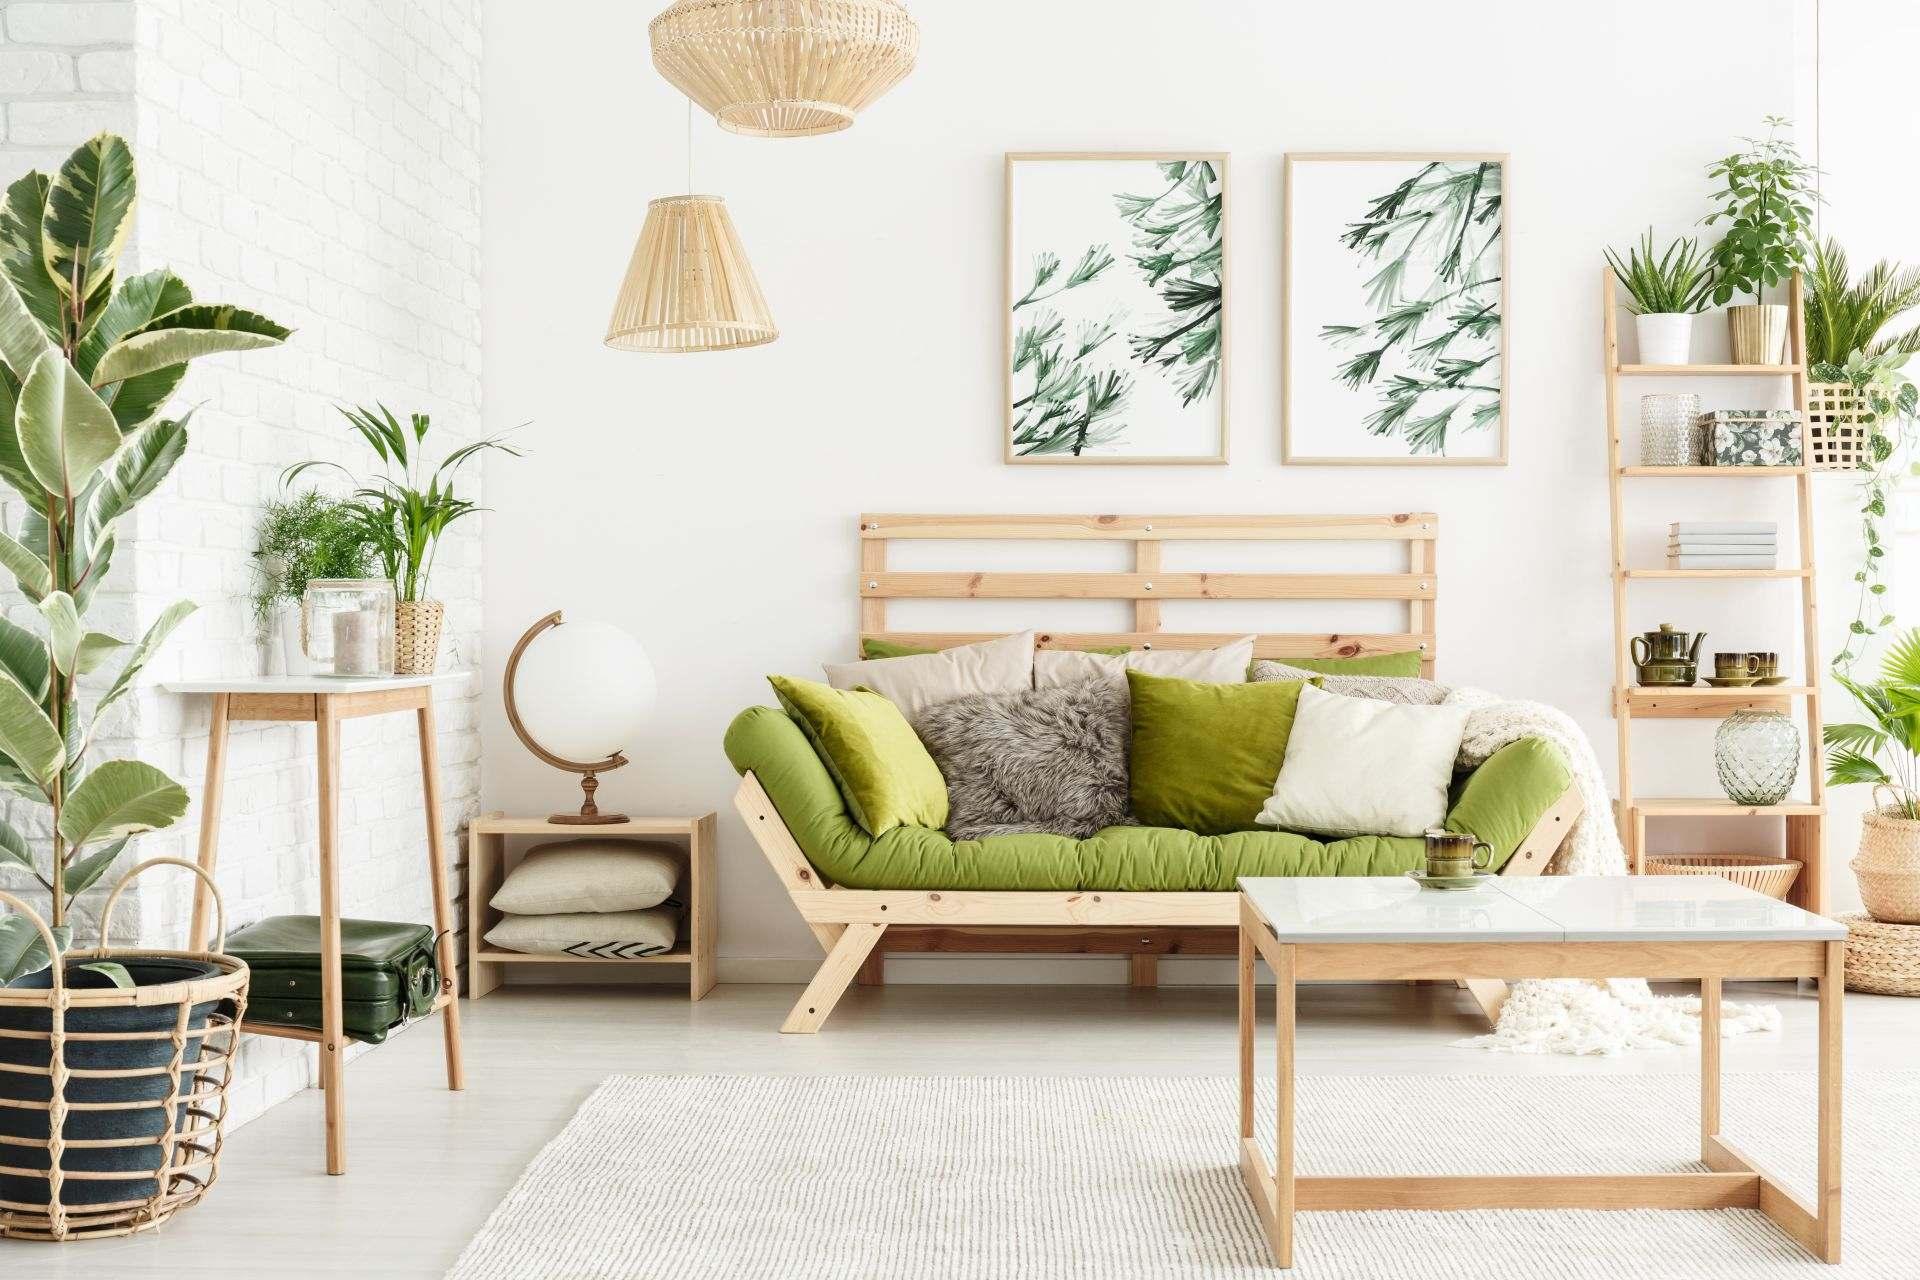 Decoración ecológica para el hogar